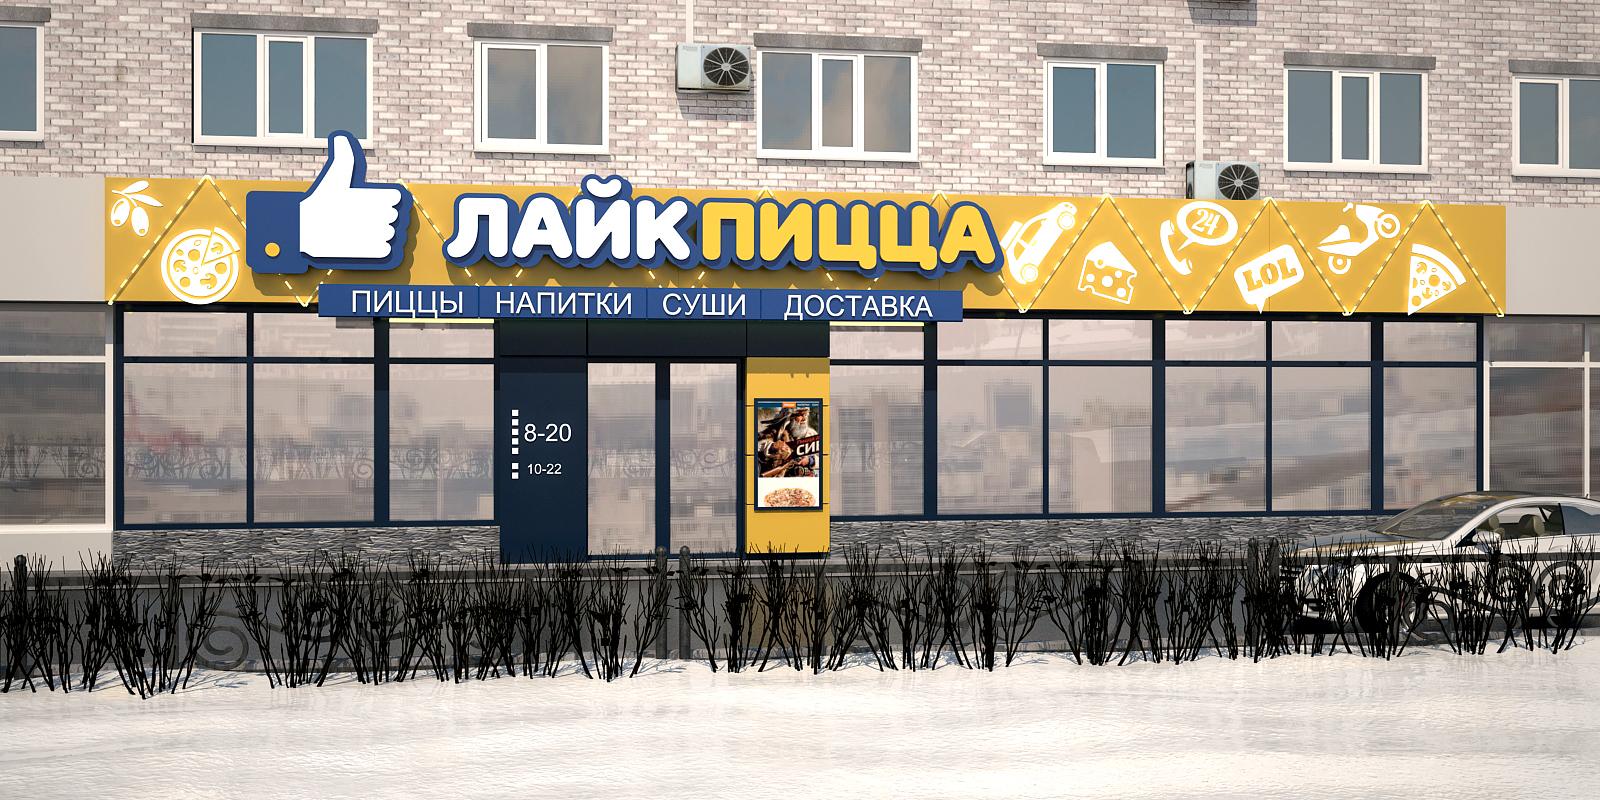 Дизайн уличного козырька с вывеской для пиццерии фото f_9745873d5705945a.jpg